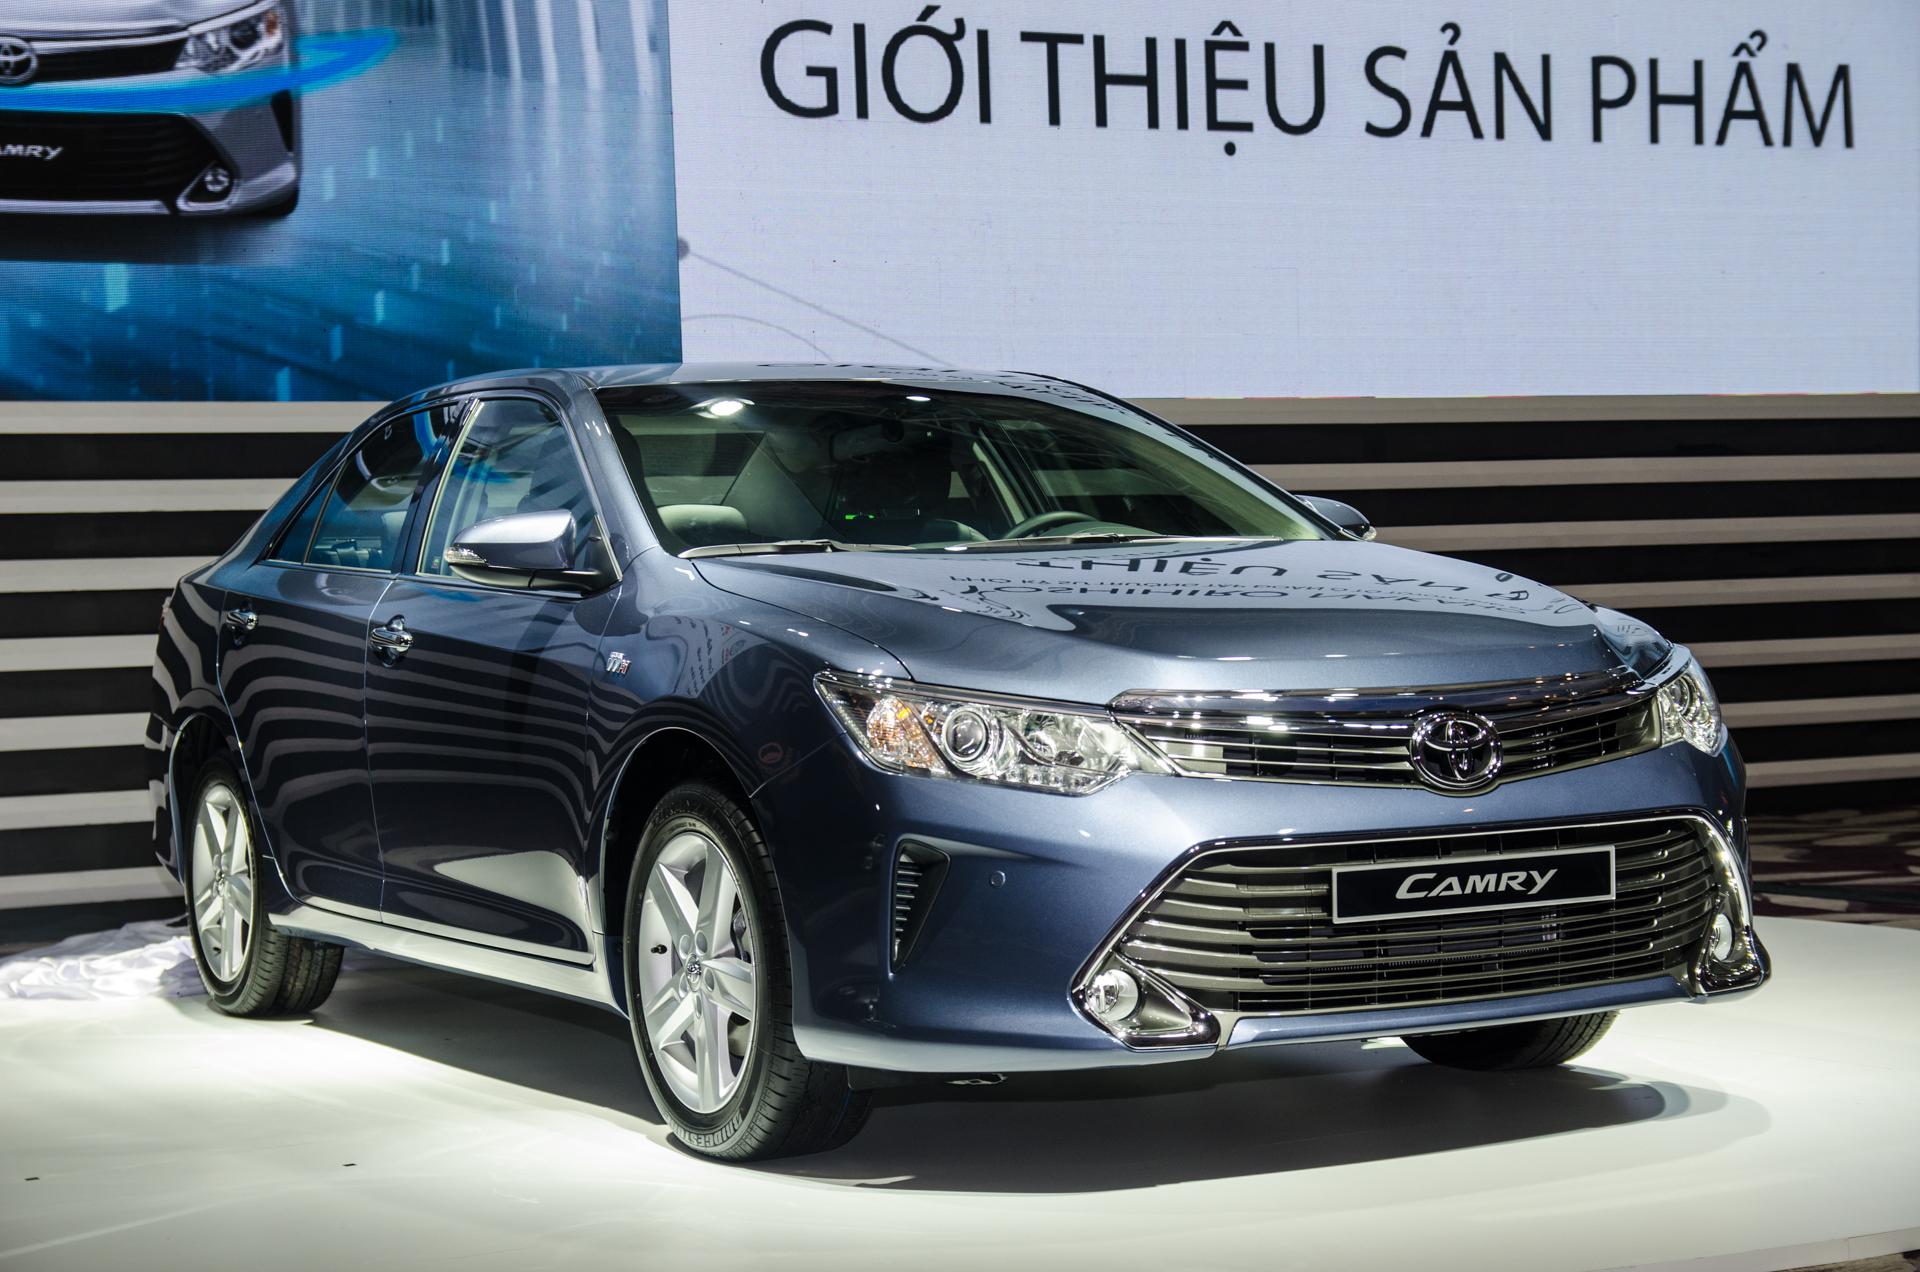 Toyota Camry 2015 ra mắt, giá cạnh tranh từ 1,08 tỷ đồng 2